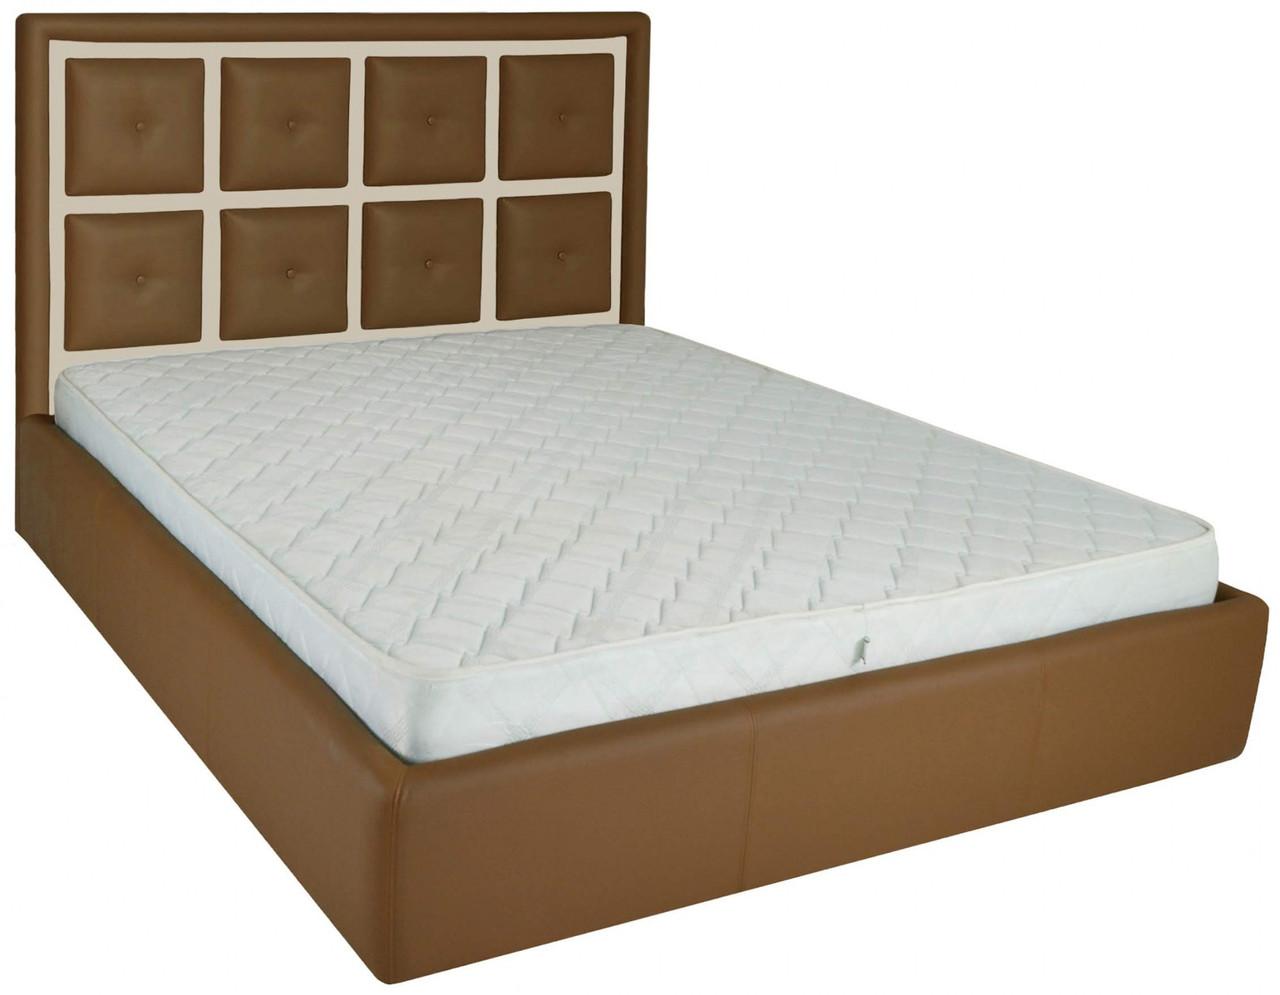 Кровать Windsor VIP 140 х 190 см Fly 2213/2207 С дополнительной металлической цельносварной рамой